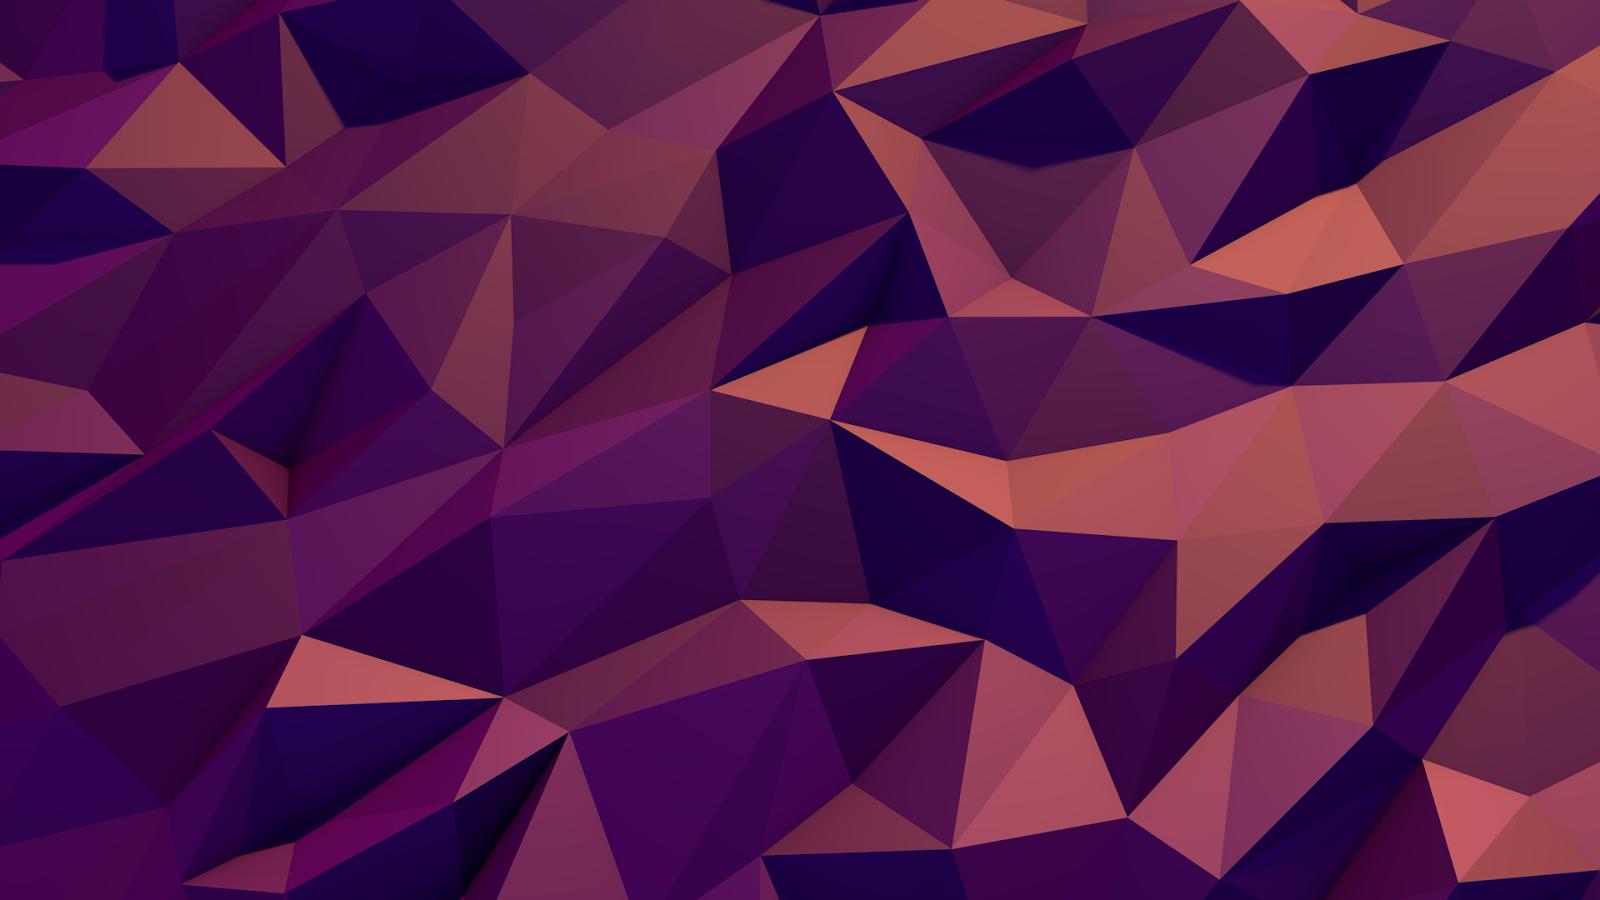 Low Polygon Wallpaper - WallpaperSafari